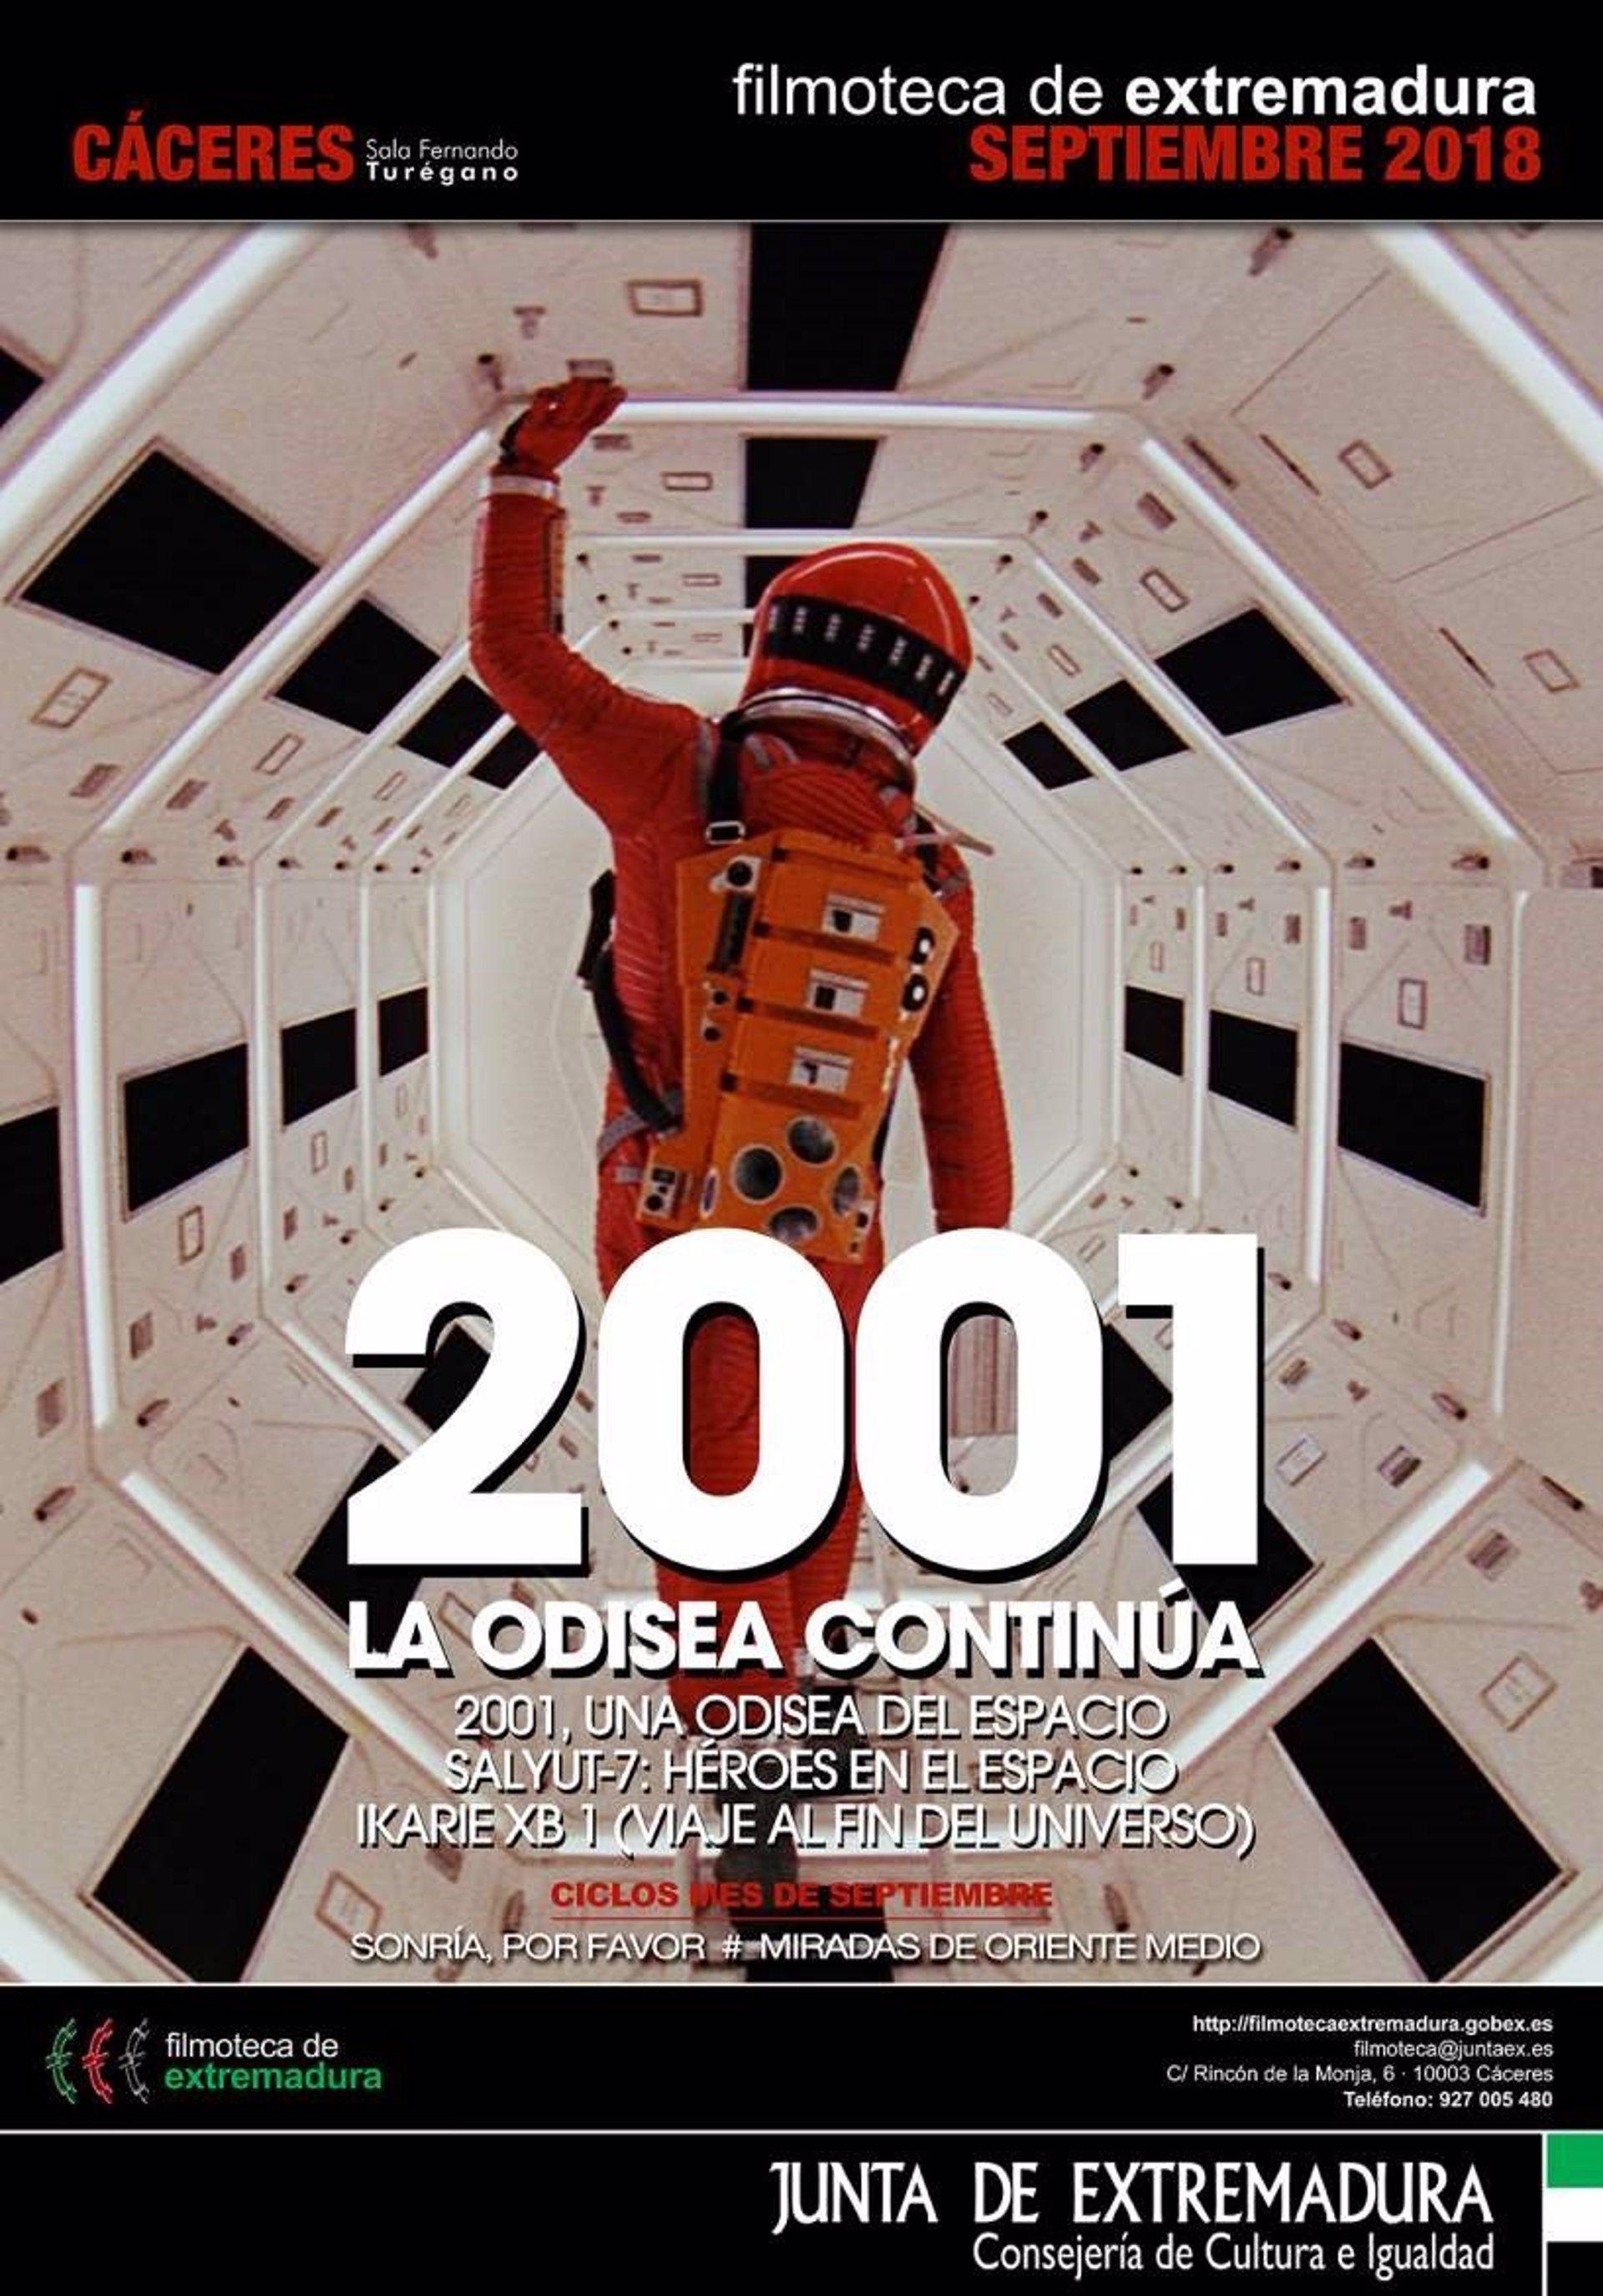 Filmoteca de Extremadura reanuda su labor con una mirada a Oriente ...